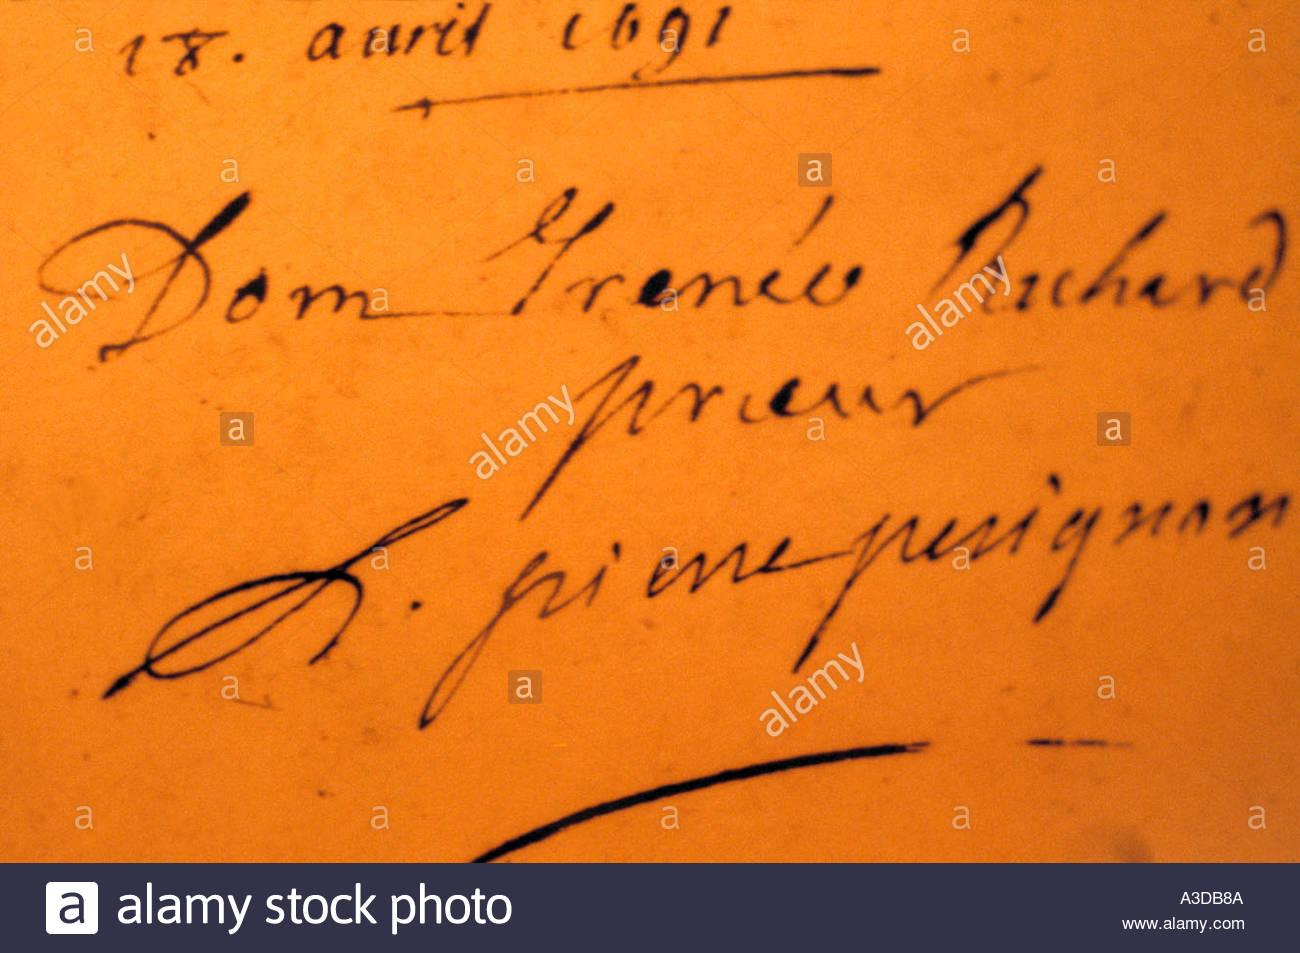 唐培里侬的签名